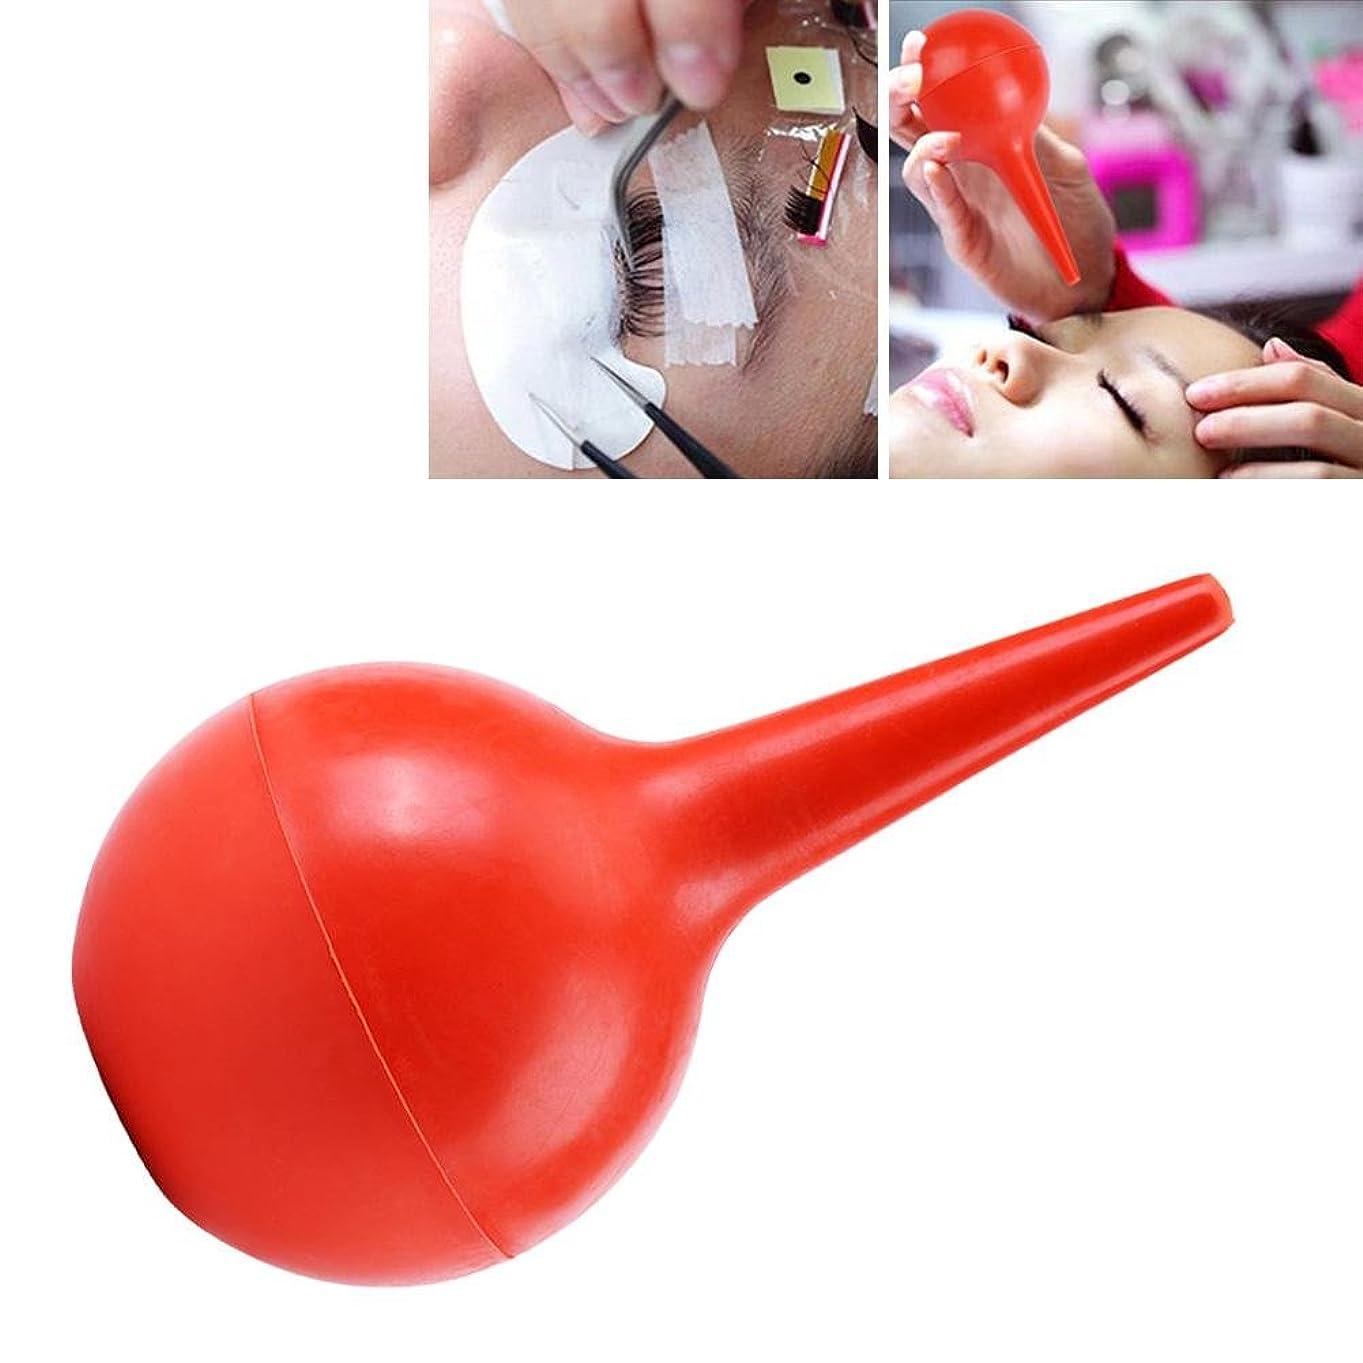 トマト収束コンパスエアーブロワープロフェッショナルなまつげグラフト用接着剤ドライヤーまつ毛エクステンション偽りのまつげ